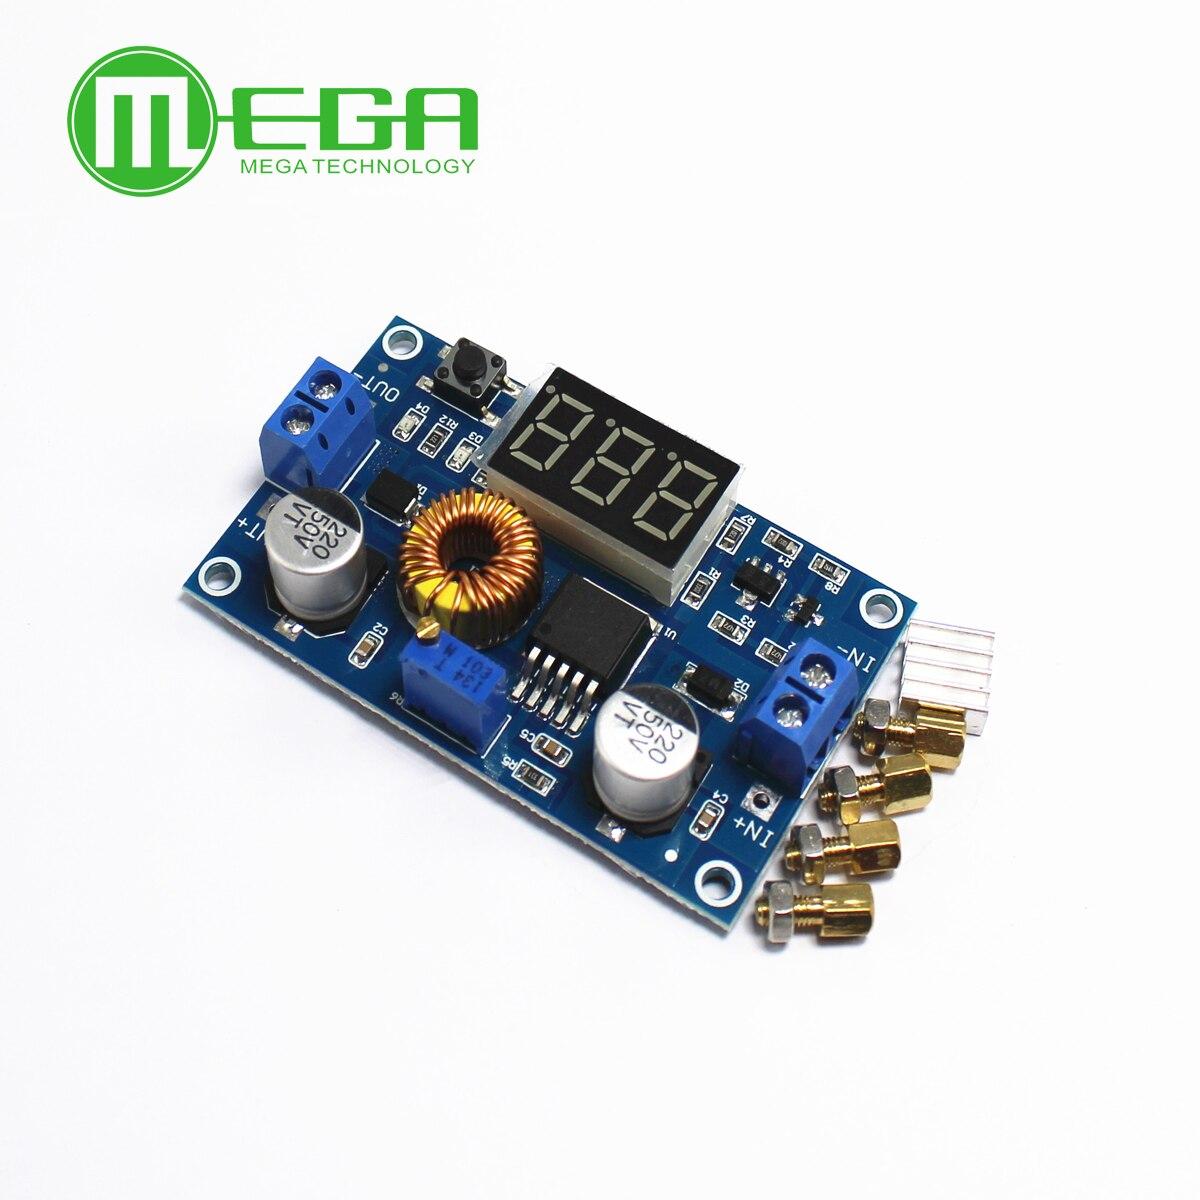 XL4015 5A عالية الطاقة 75W DC-DC قابل للتعديل تنحى وحدة + LED الفولتميتر امدادات الطاقة وحدة